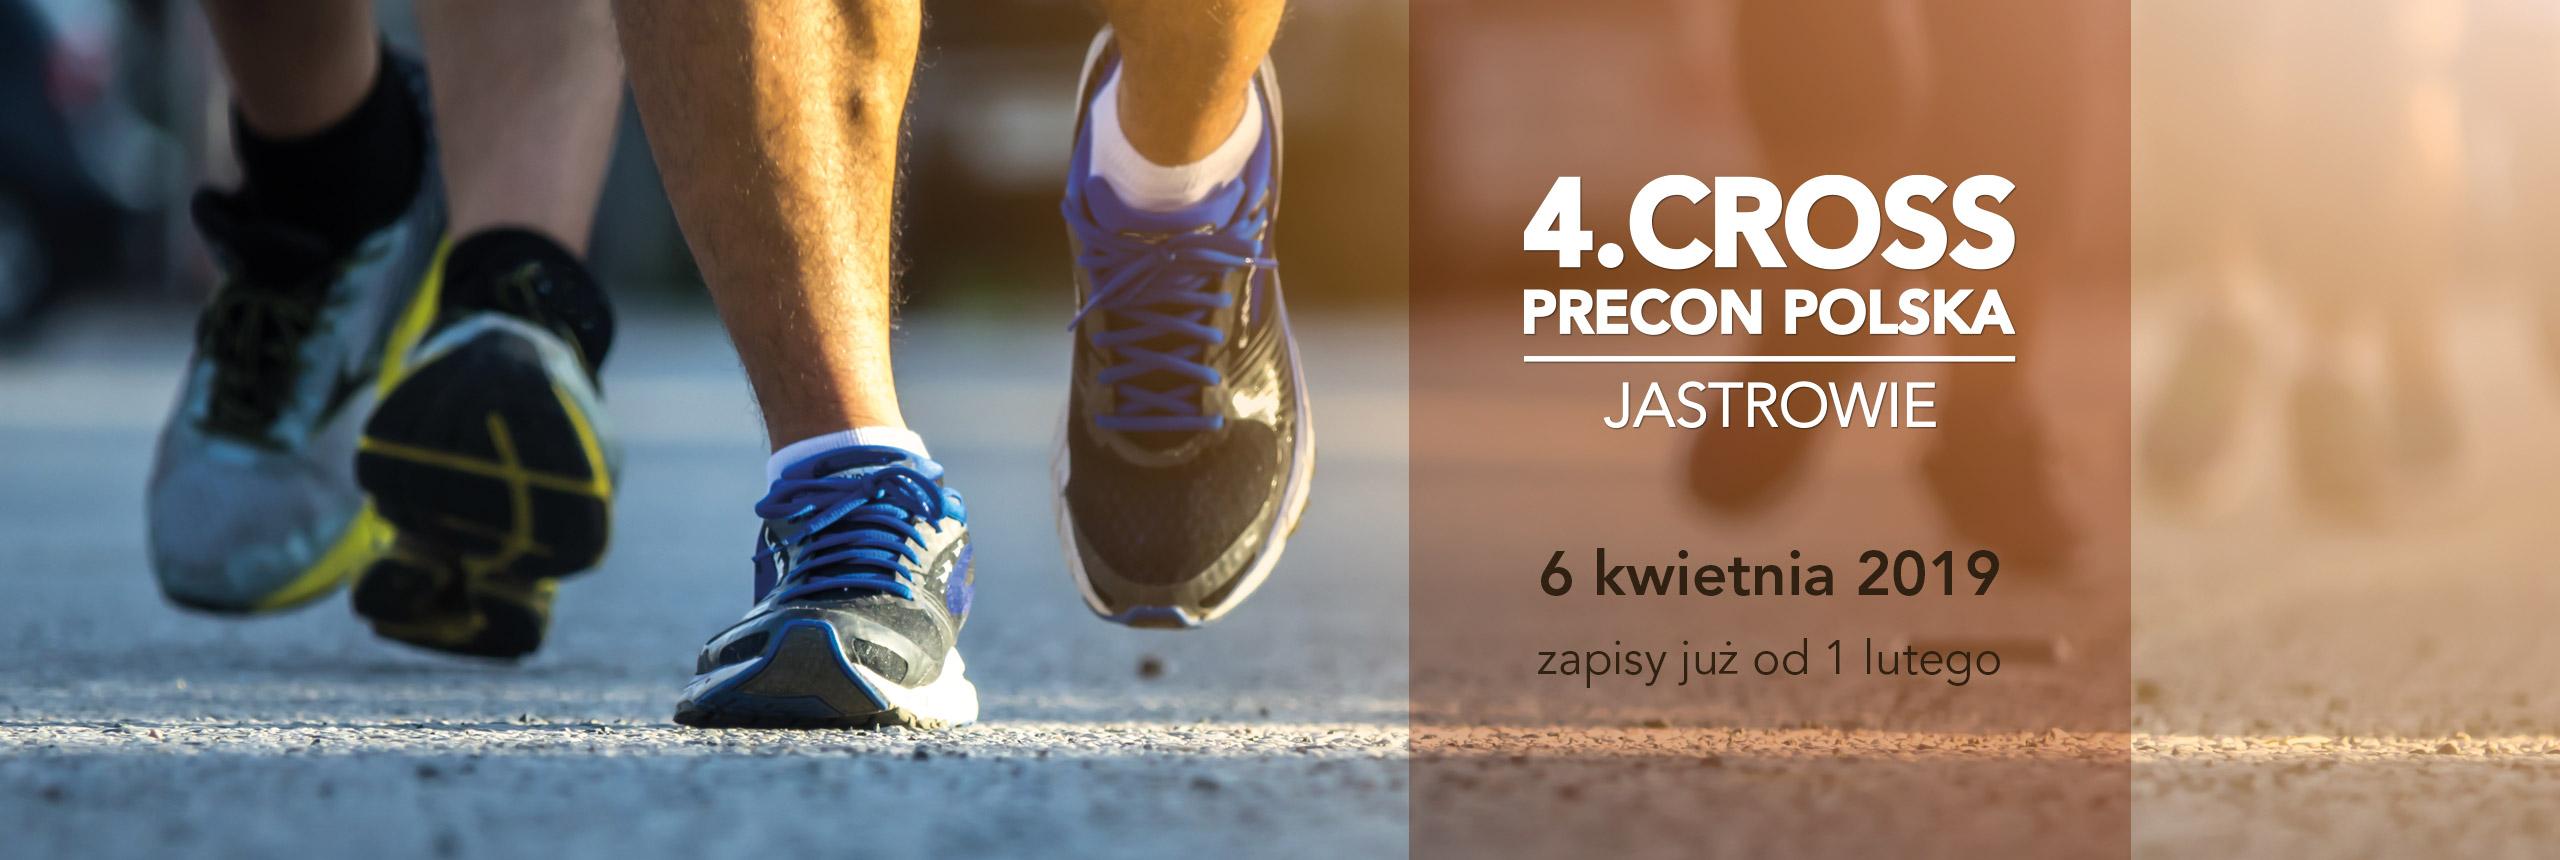 4 Cross Precon Polska w Jastrowiu